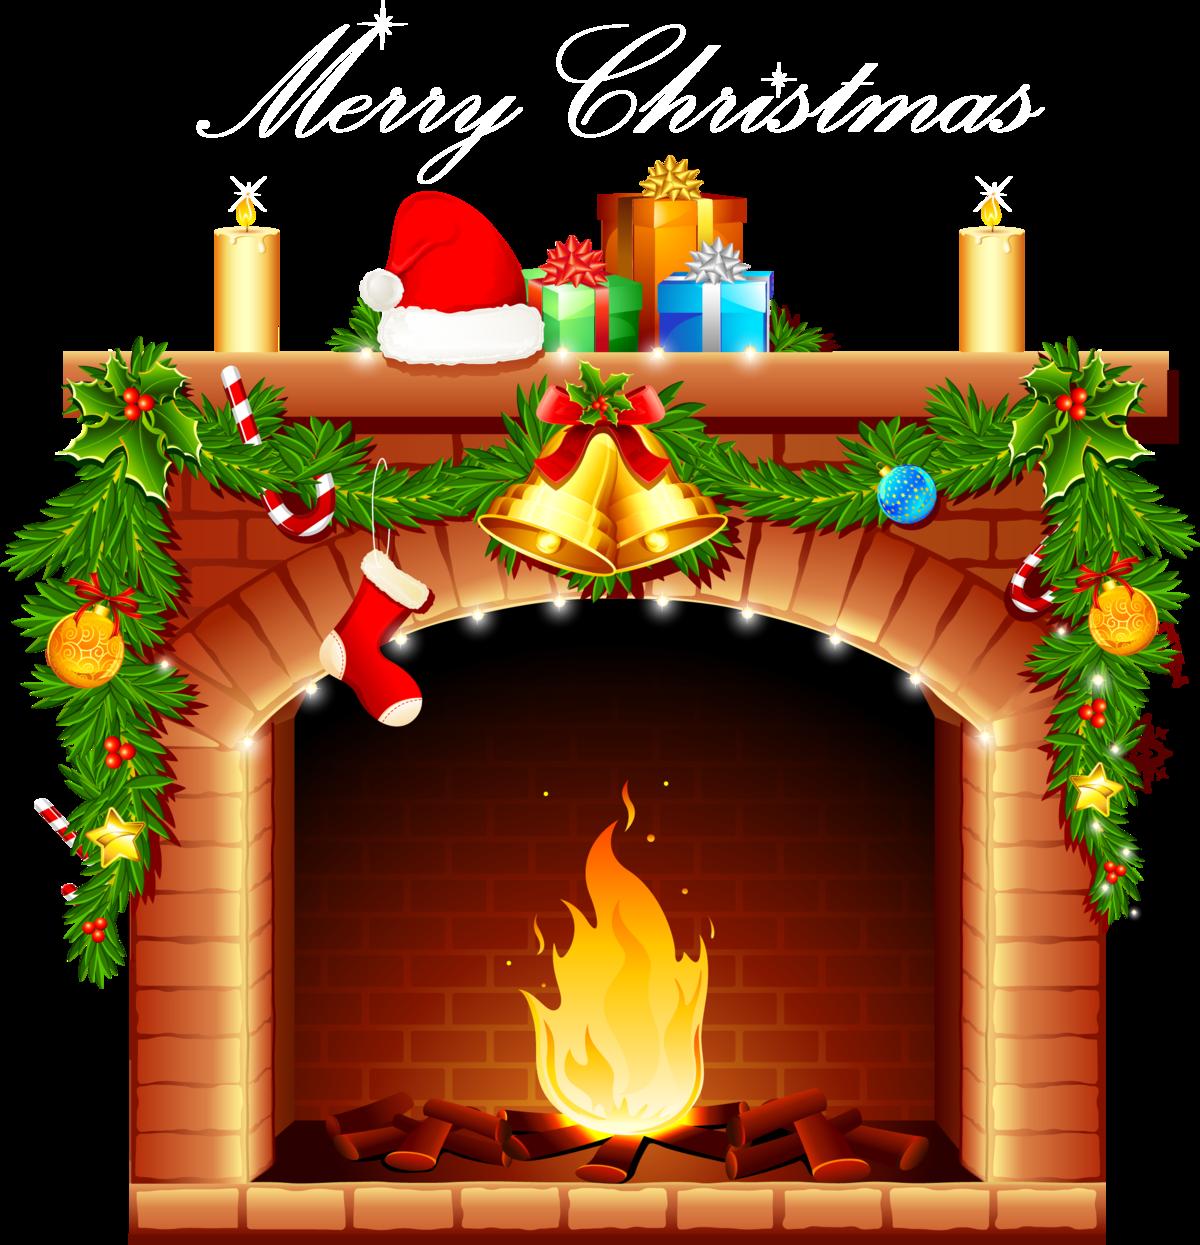 картинка новогоднего камина с огнем в большом формате начертить равнозначный данному